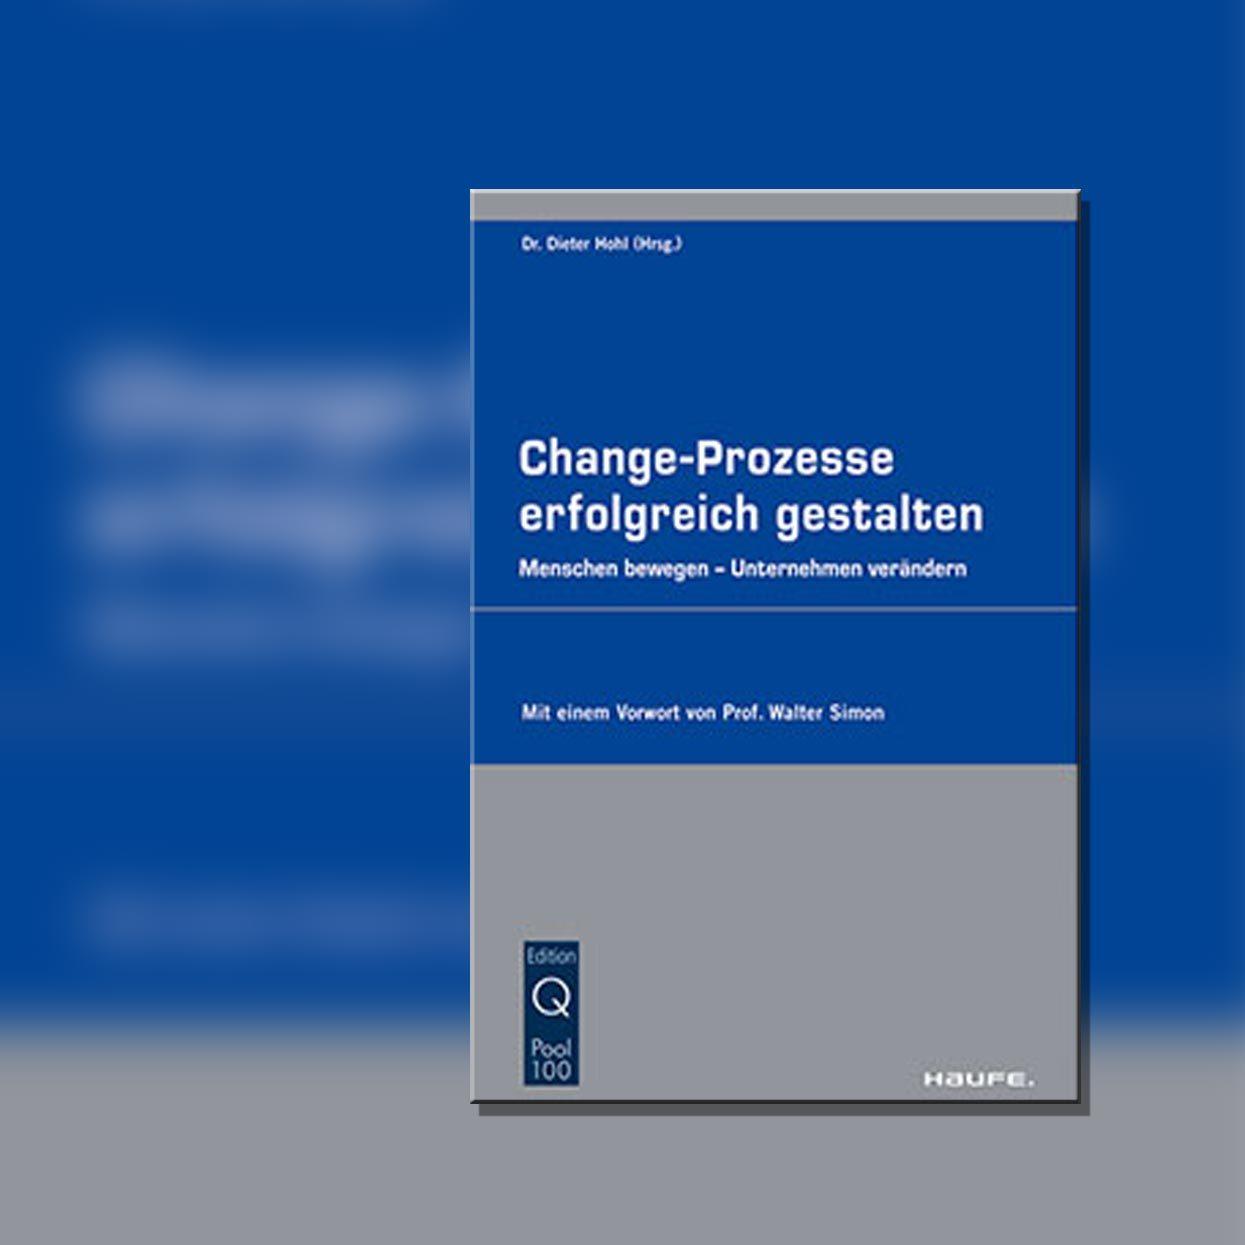 cover_Change-Prozesse_erfolgreich_gestalten